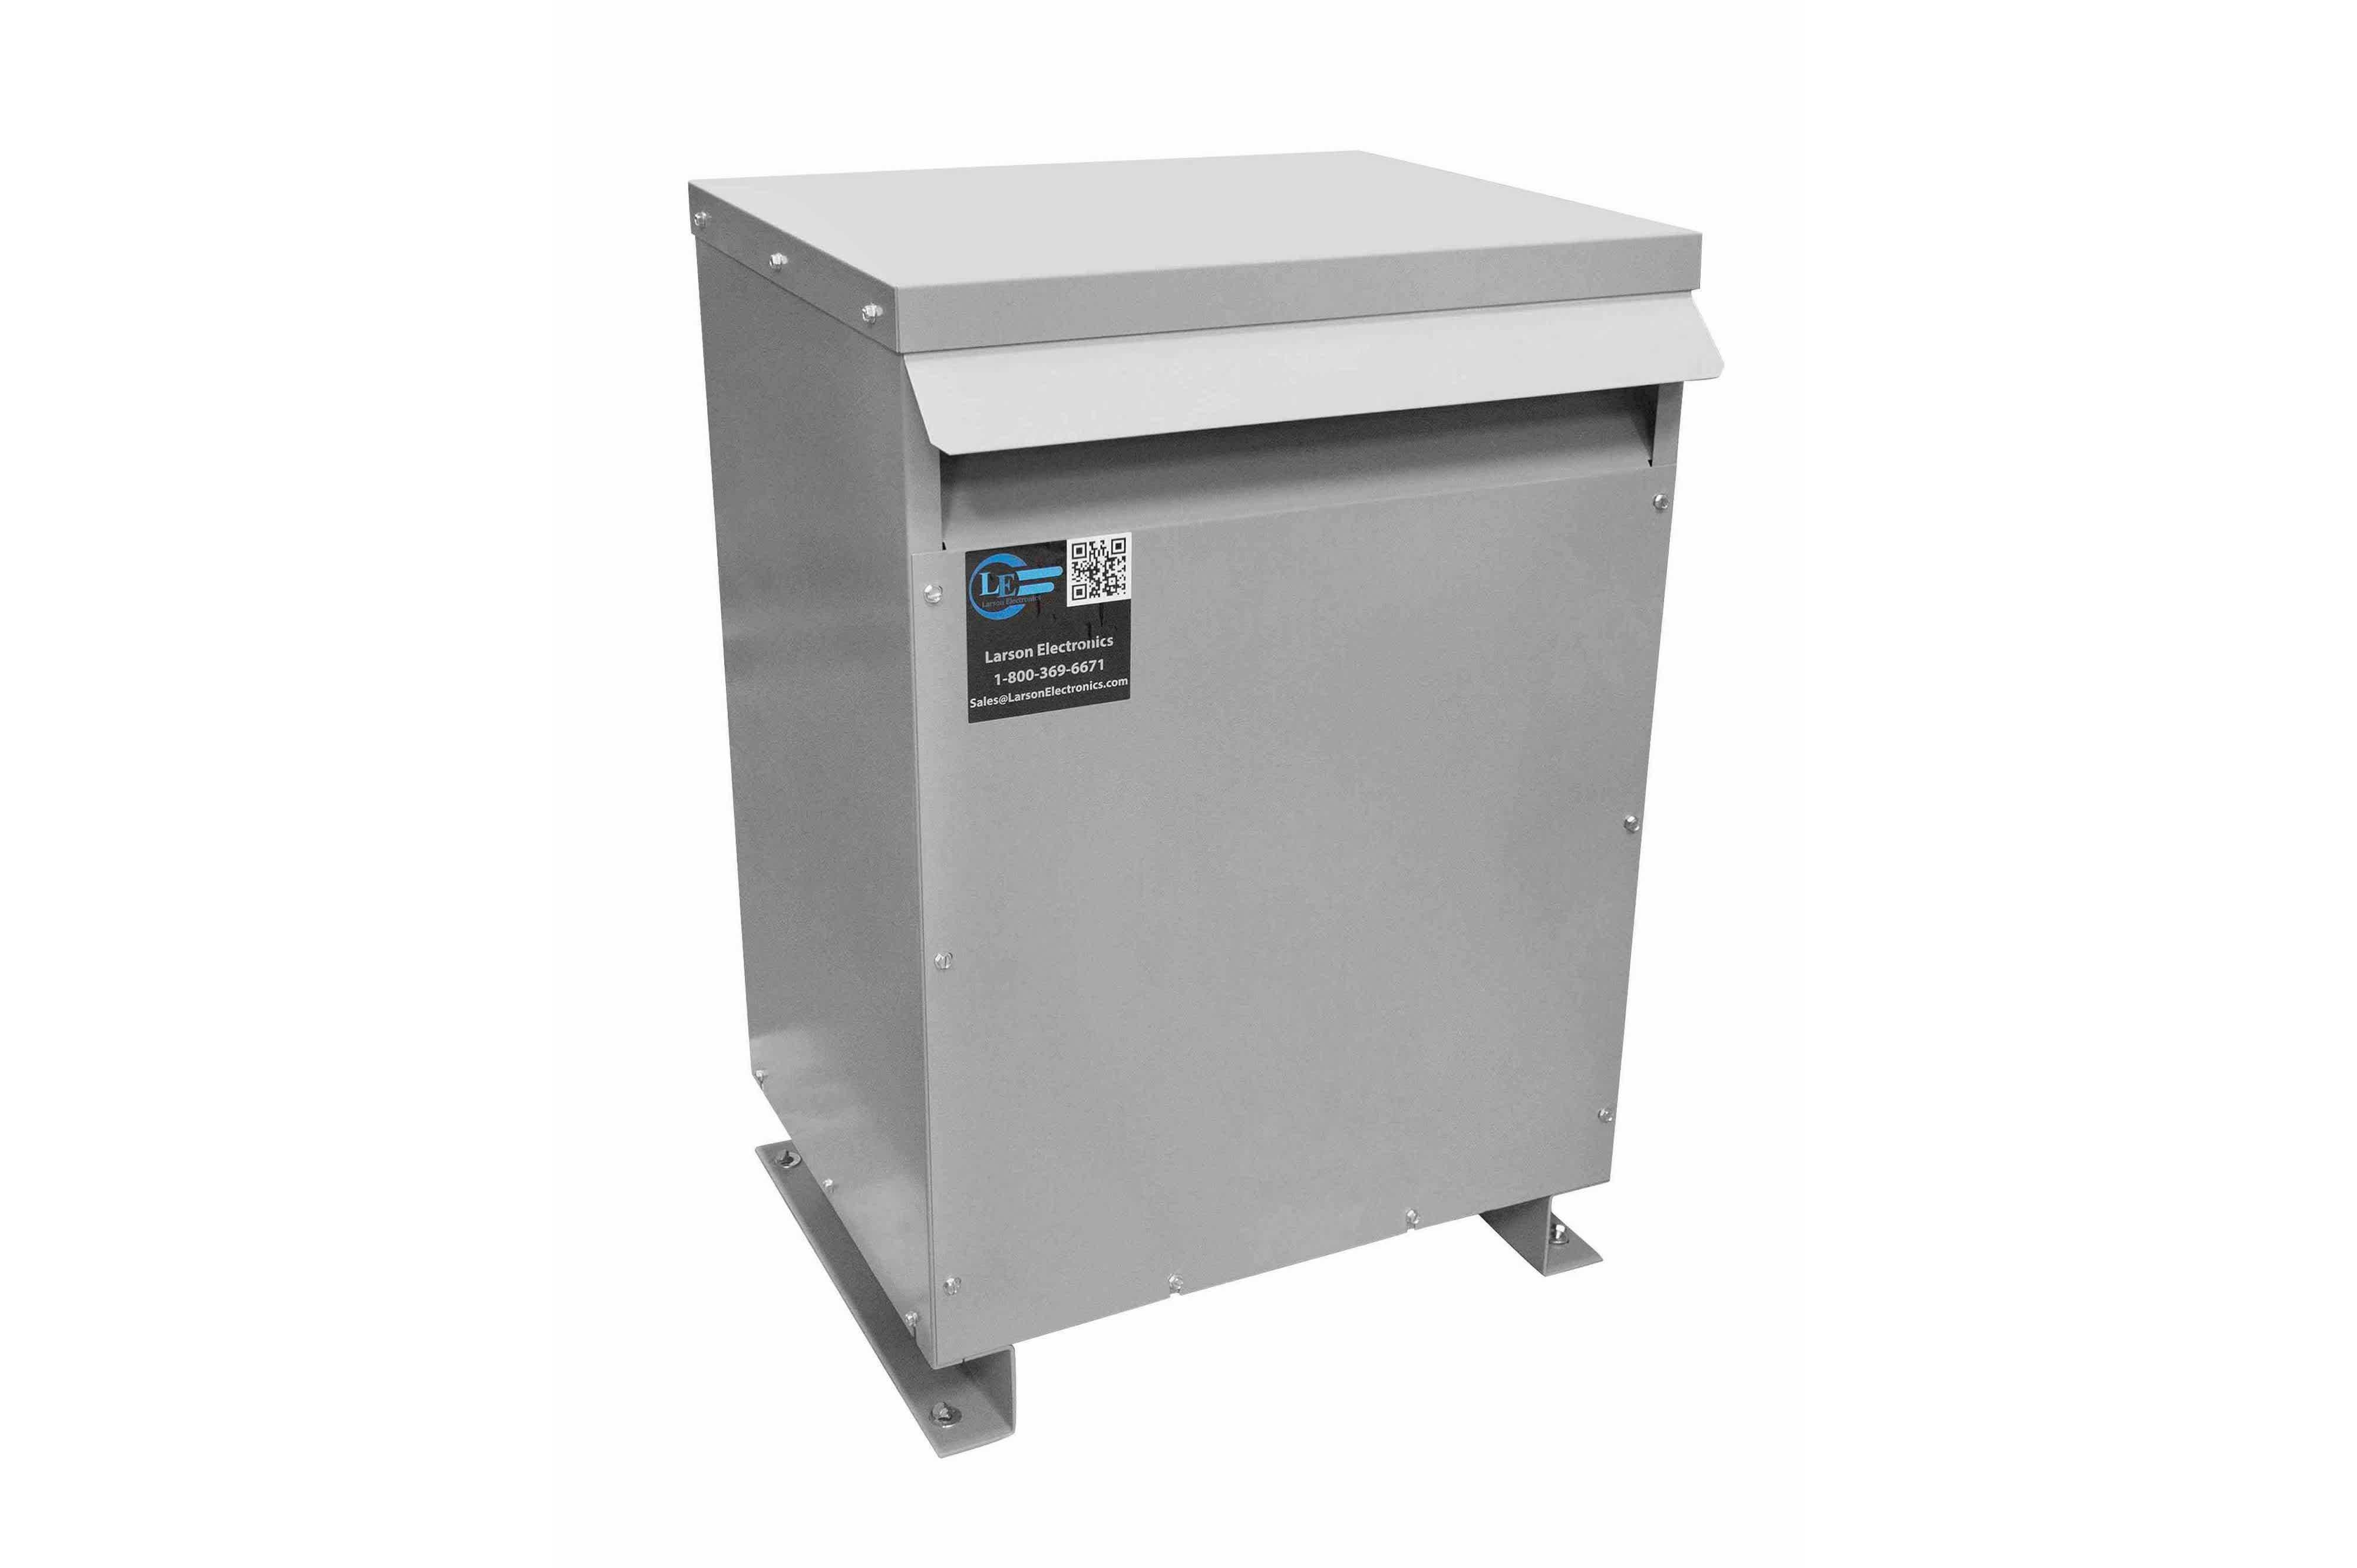 400 kVA 3PH Isolation Transformer, 460V Delta Primary, 208V Delta Secondary, N3R, Ventilated, 60 Hz